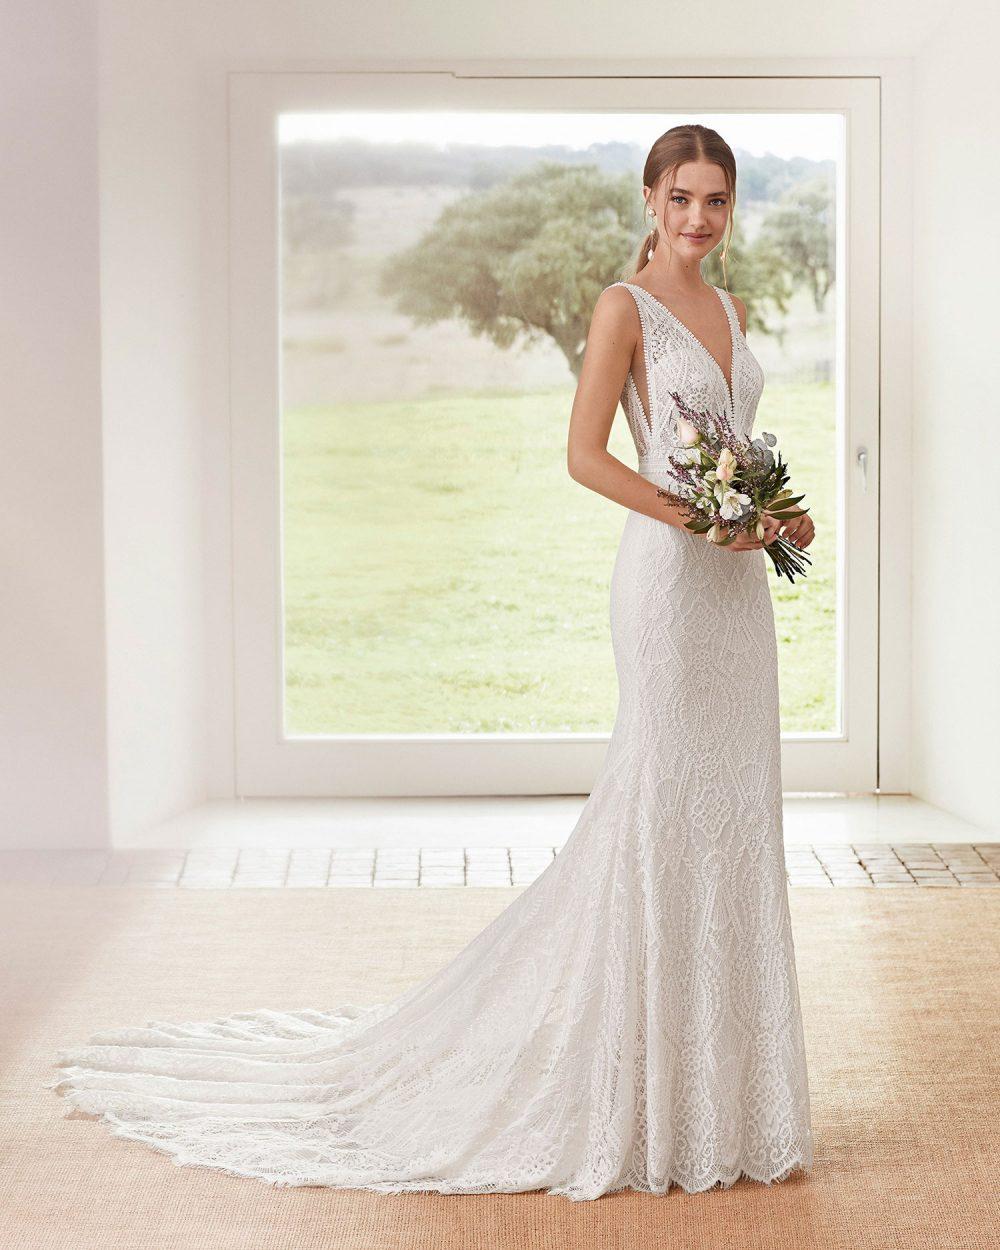 Rosa Clarà 2022 abito vestito sposa Vicenza AURORA